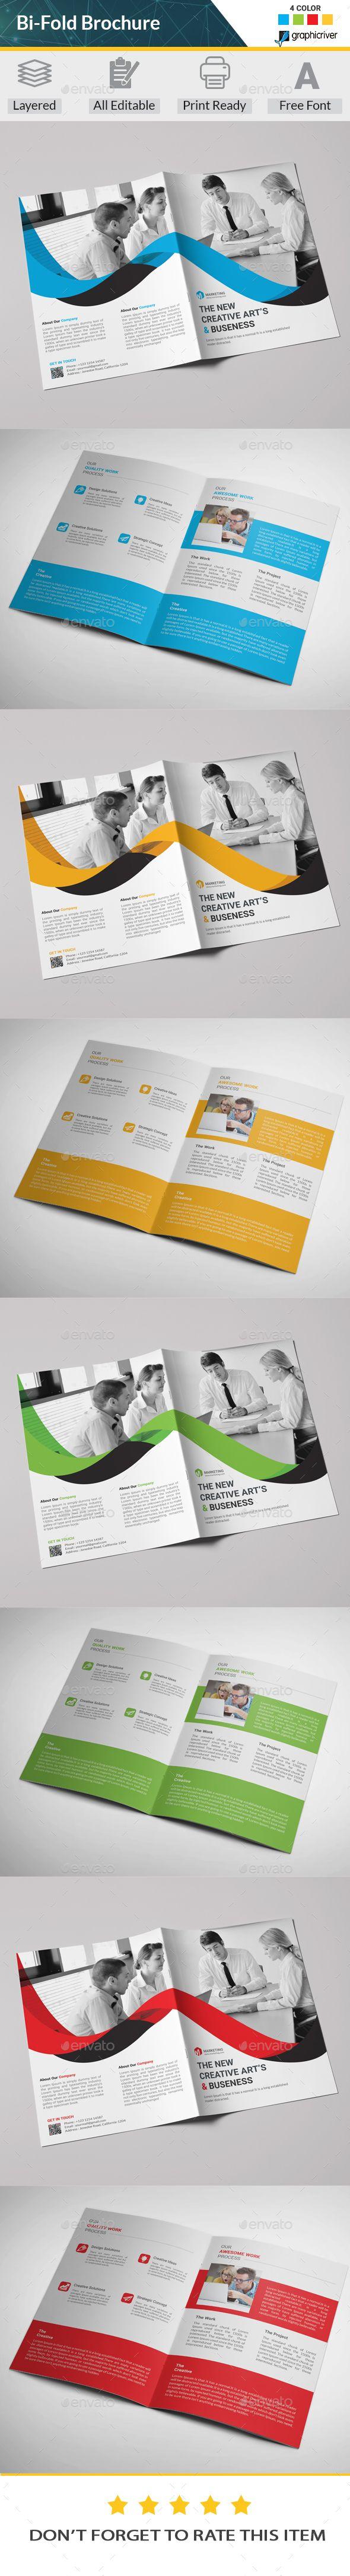 #Bi-fold Brochure - Corporate #Brochures Download here: https://graphicriver.net/item/bifold-brochure/20265201?ref=alena994